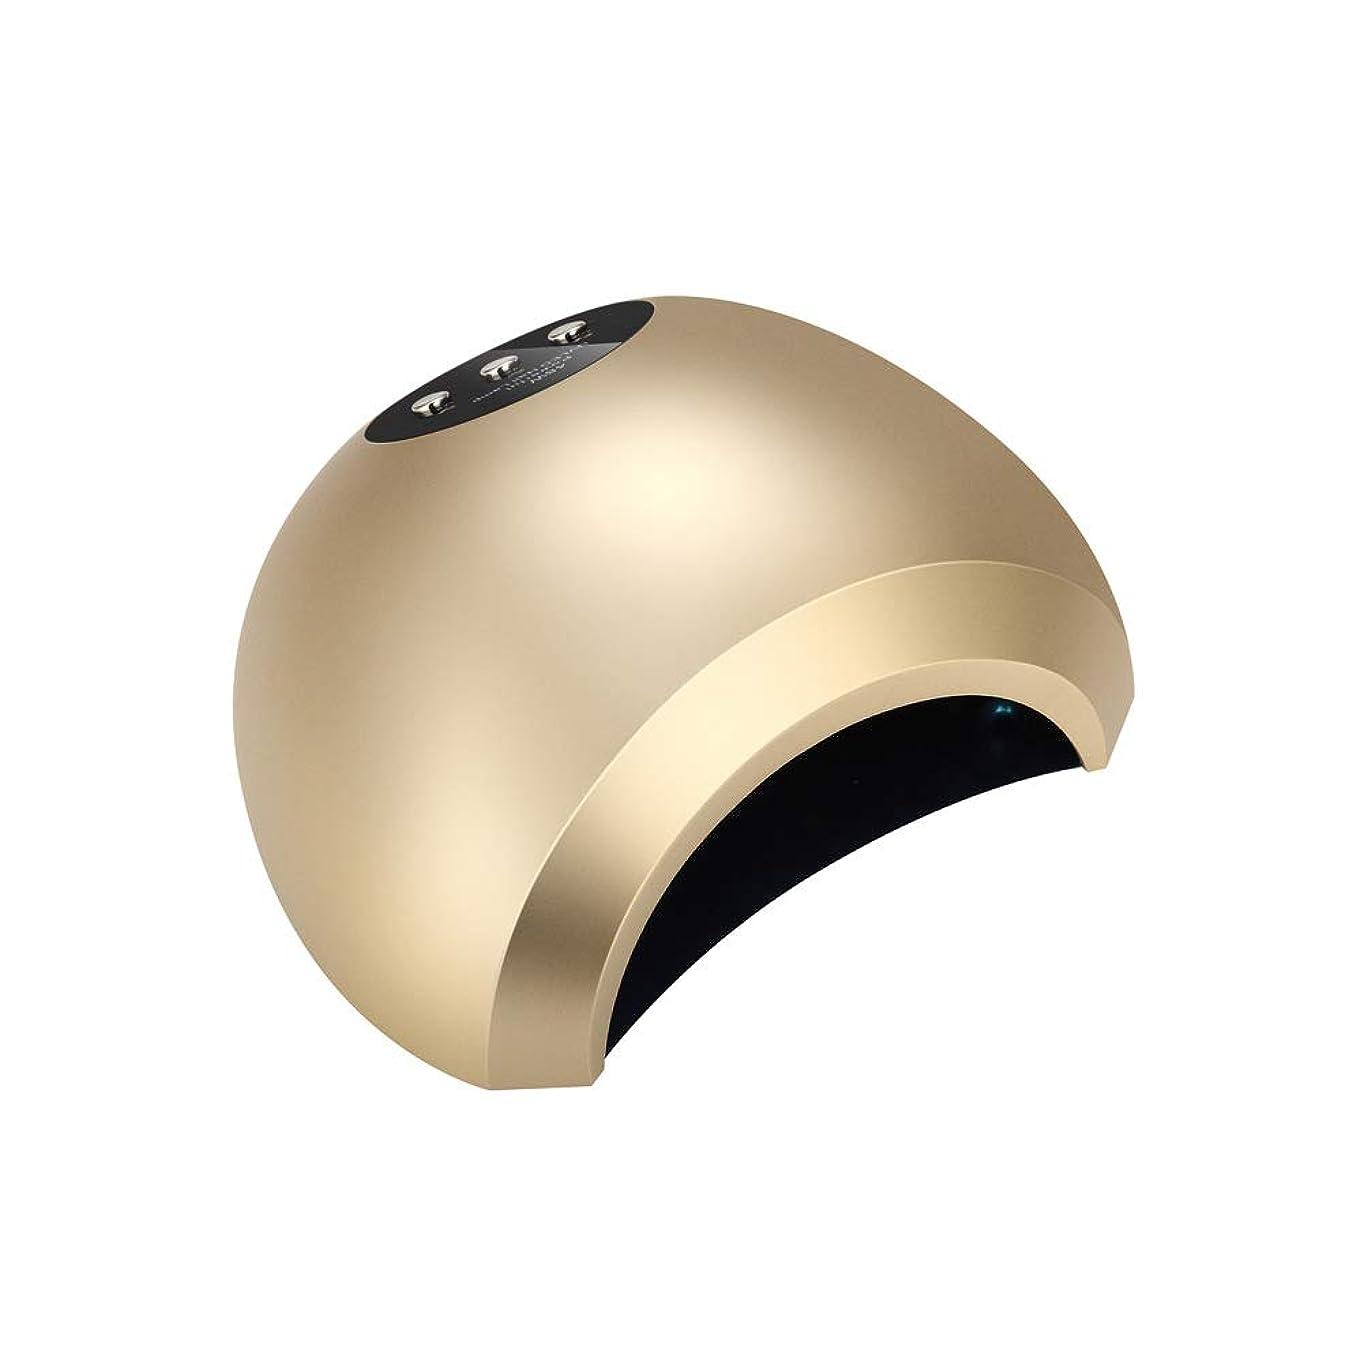 契約する無実暫定の48Wインテリジェント誘導デュアル光源放熱無痛速乾性光線療法ランプネイルポリッシュグルーライト速乾性ドライヤーネイルポリッシュUVランプ